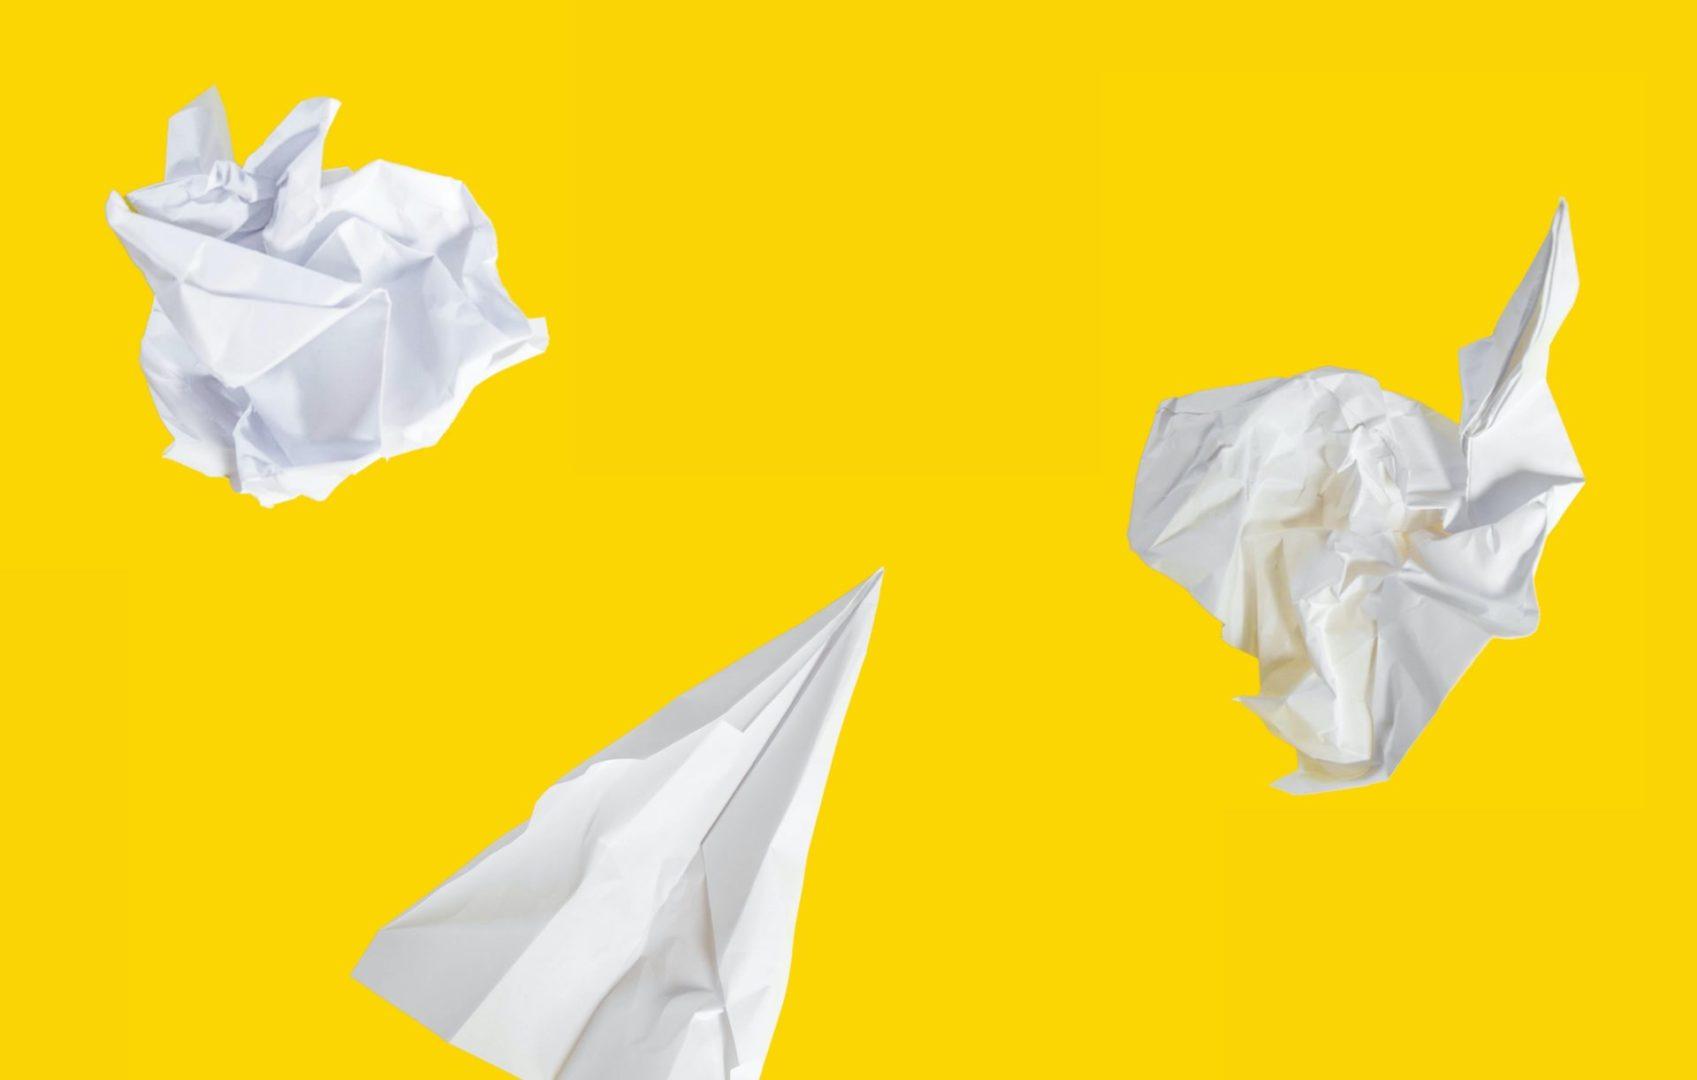 Zdjęcie przedstawia zmięte w kulki dwie kartki papieru i jeden papierowy samolocik. Grafika stanowi ilustrację tekstu o tym, czym jest selfpzblishing.